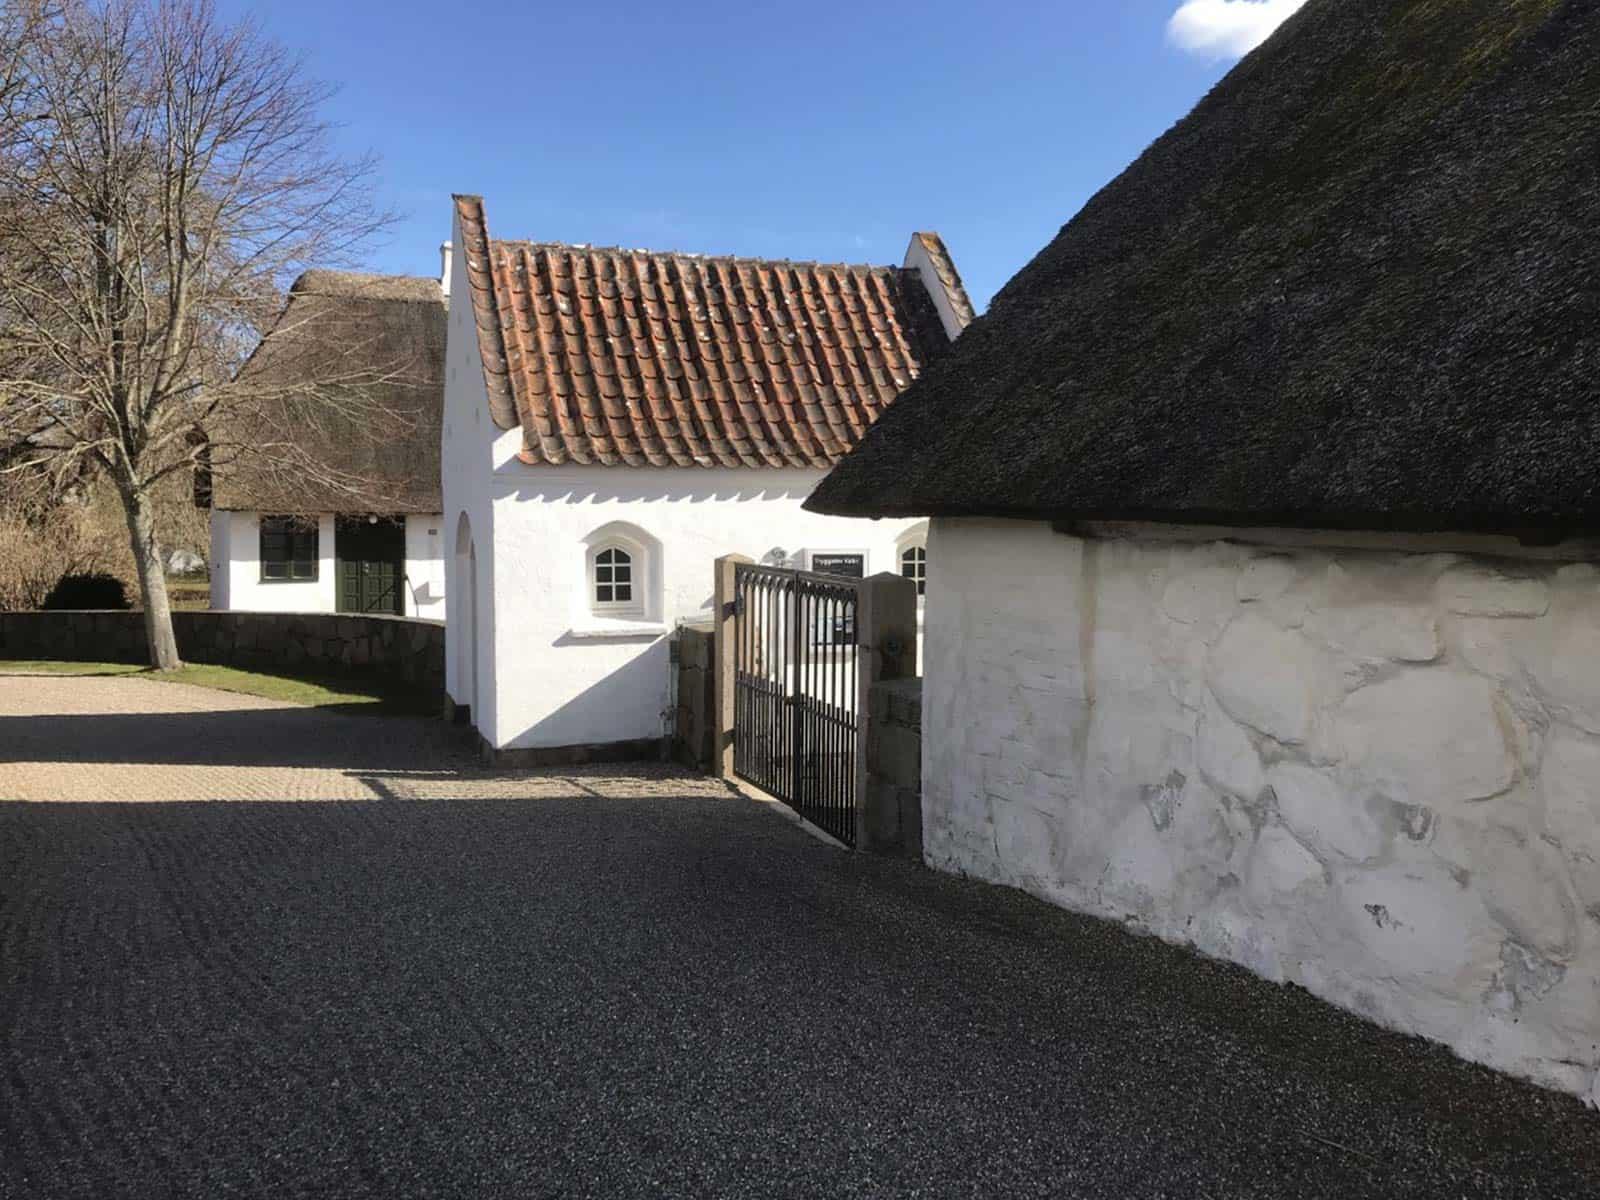 Tryggelev Kirke indgang